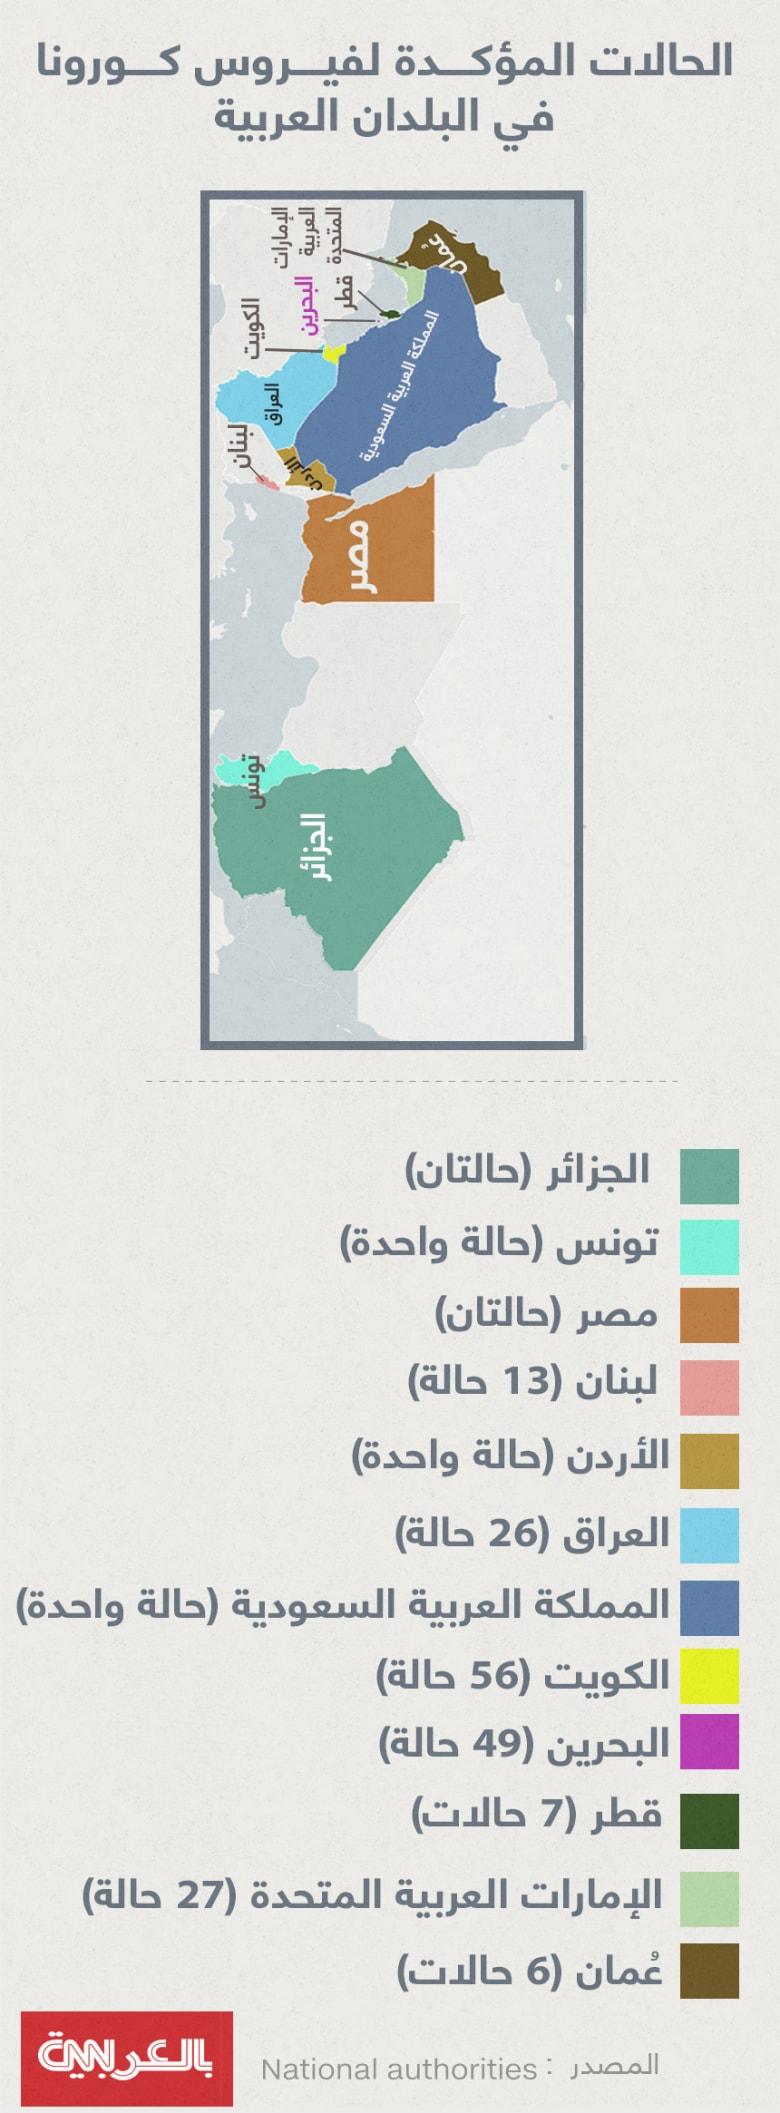 فيروس كورونا ينتشر بـ12 بلداً عربياً..إليكم القائمة وعدد حالات الإصابة